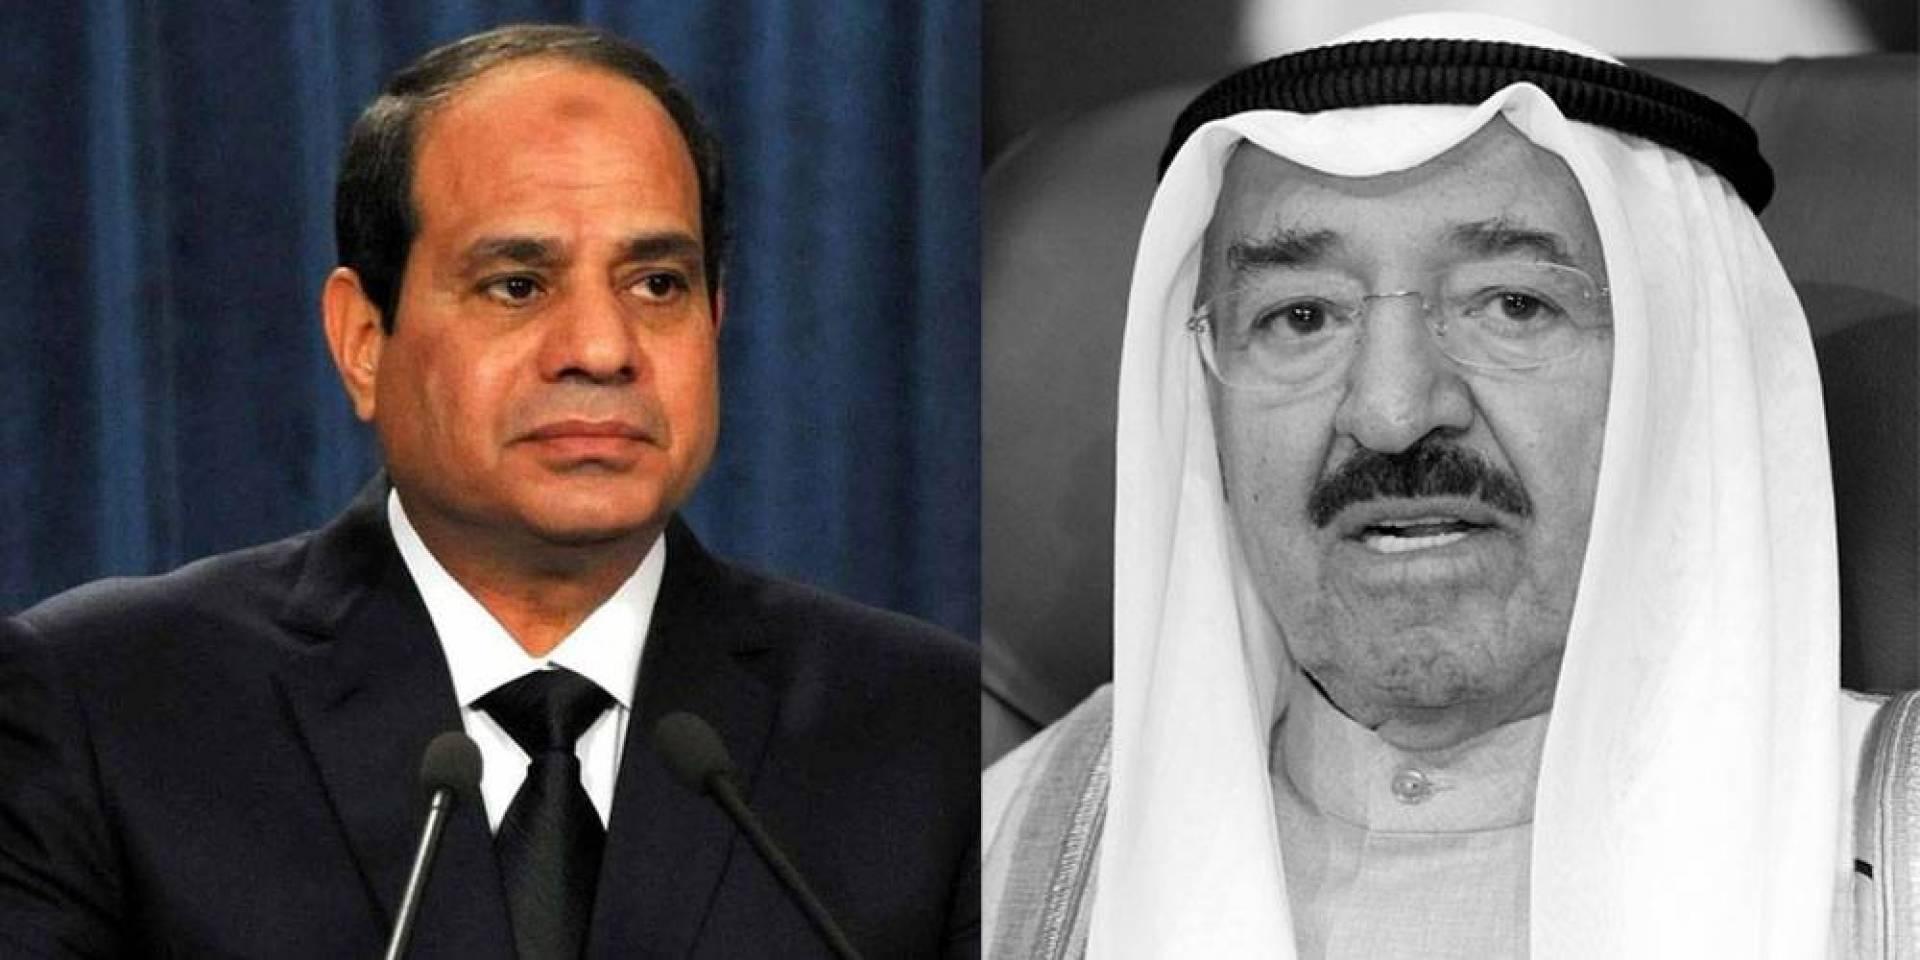 السيسي: بوفاة سمو الأمير فقدت الأمة العربية والإسلامية قائداً من أغلى رجالها